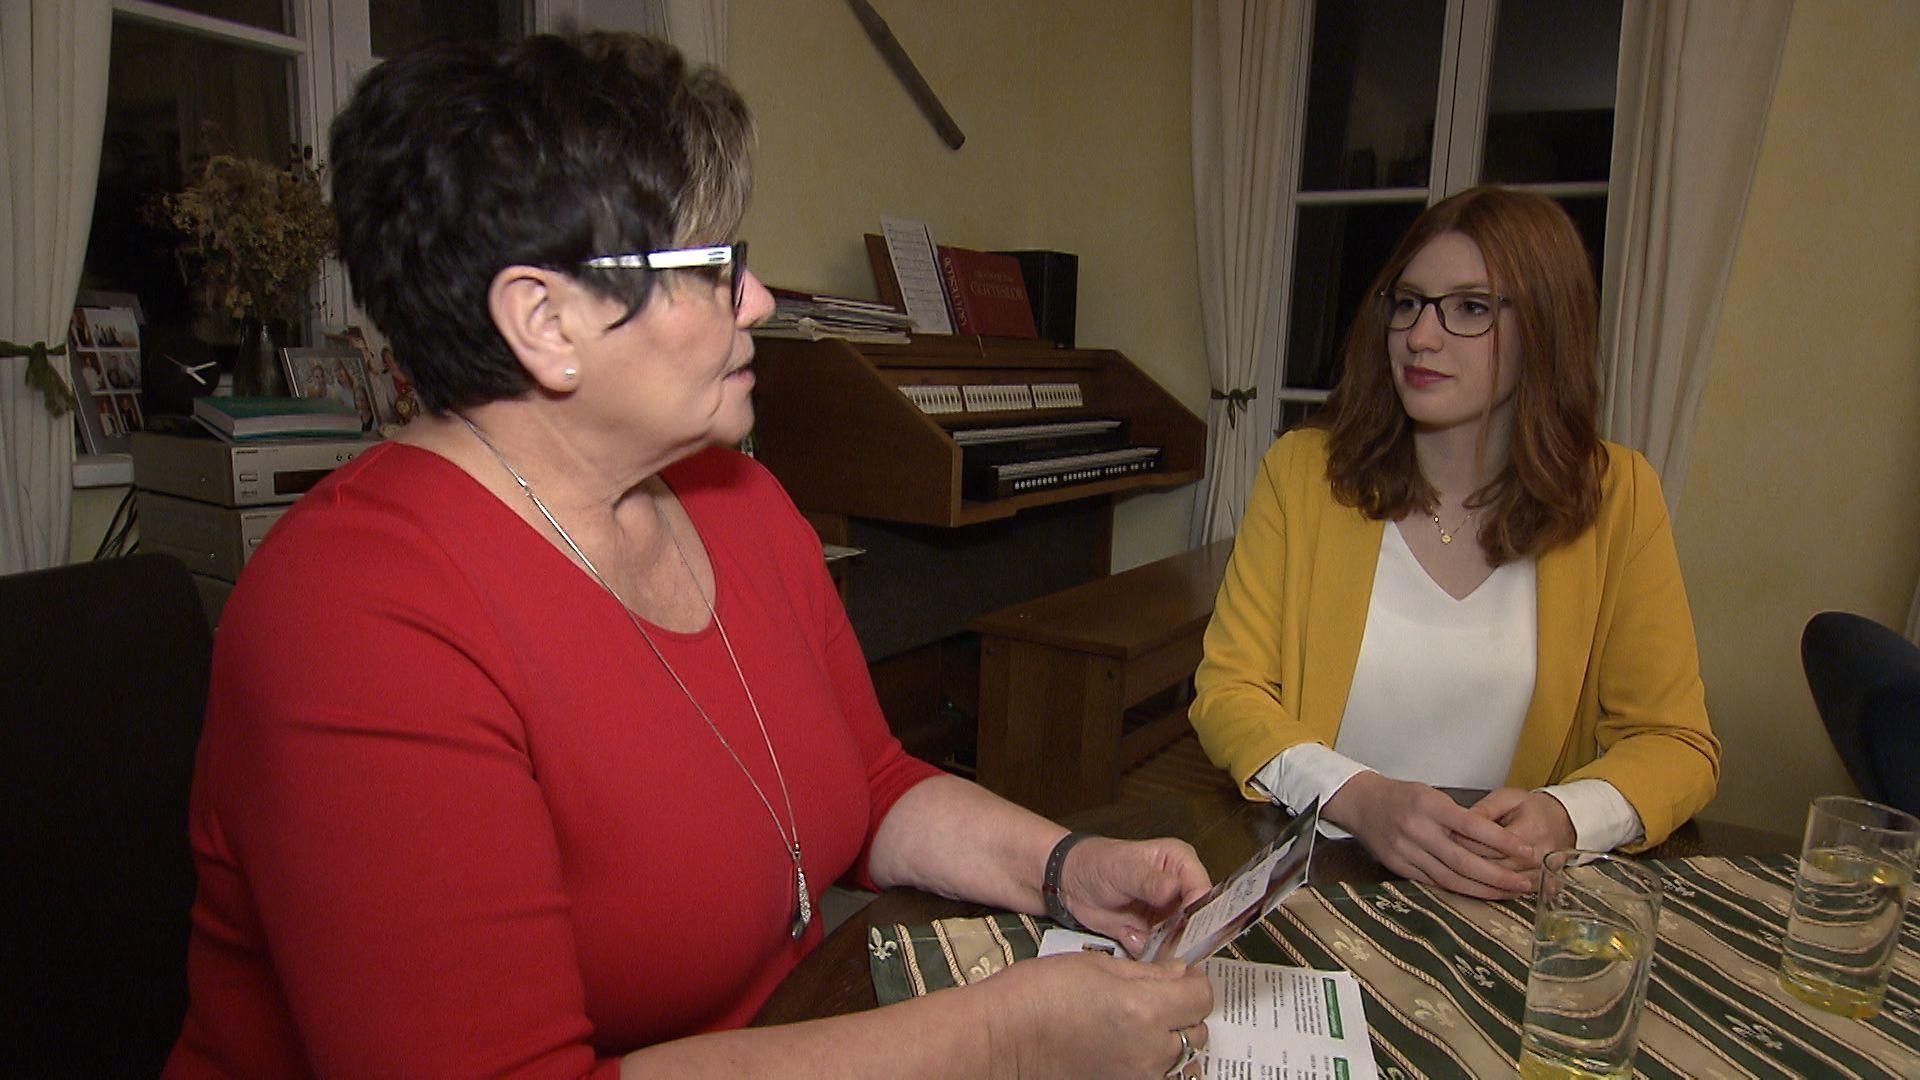 Anneliese Göller und Annamarie Bauer sitzen am Tisch und unterhalten sich